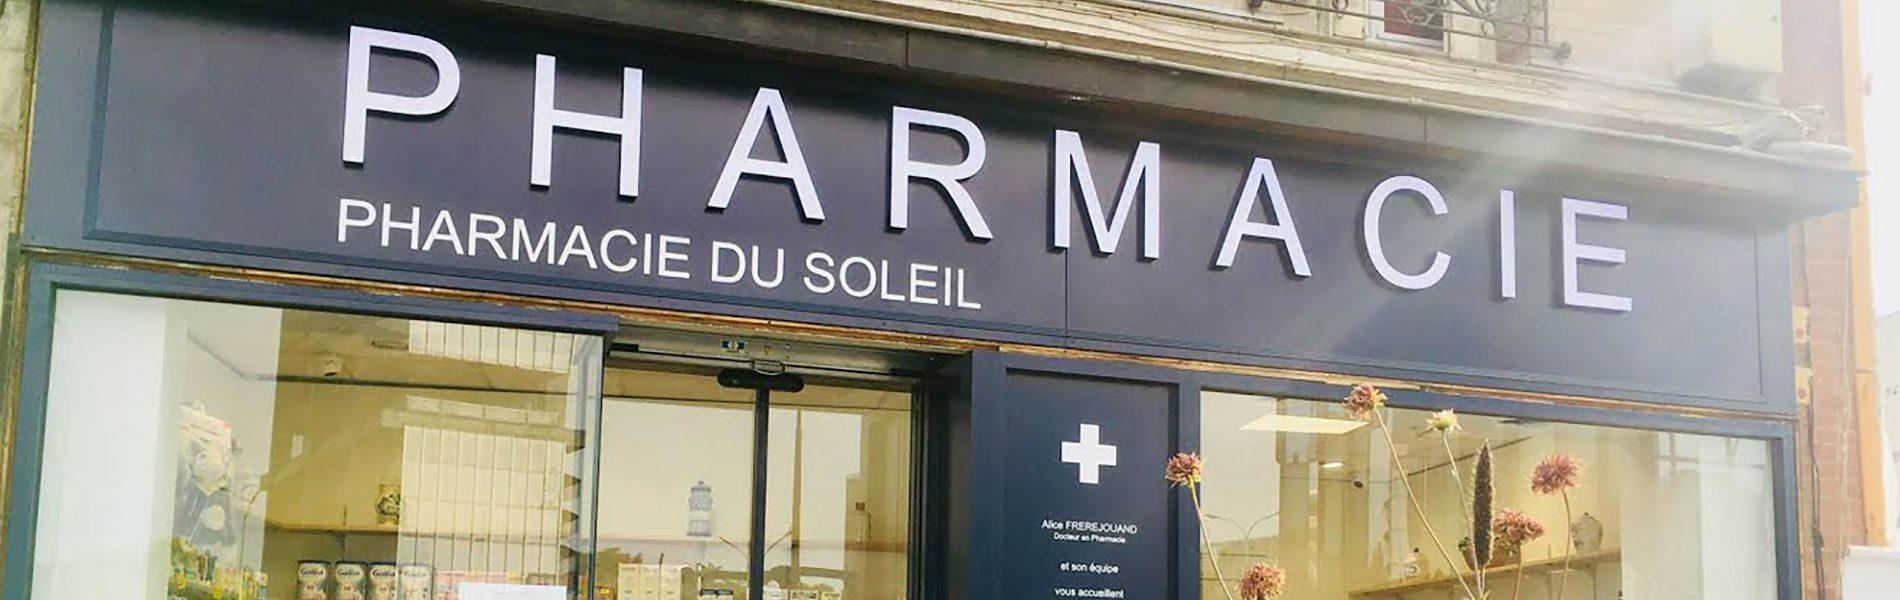 Pharmacie DU SOLEIL - Image Homepage 1